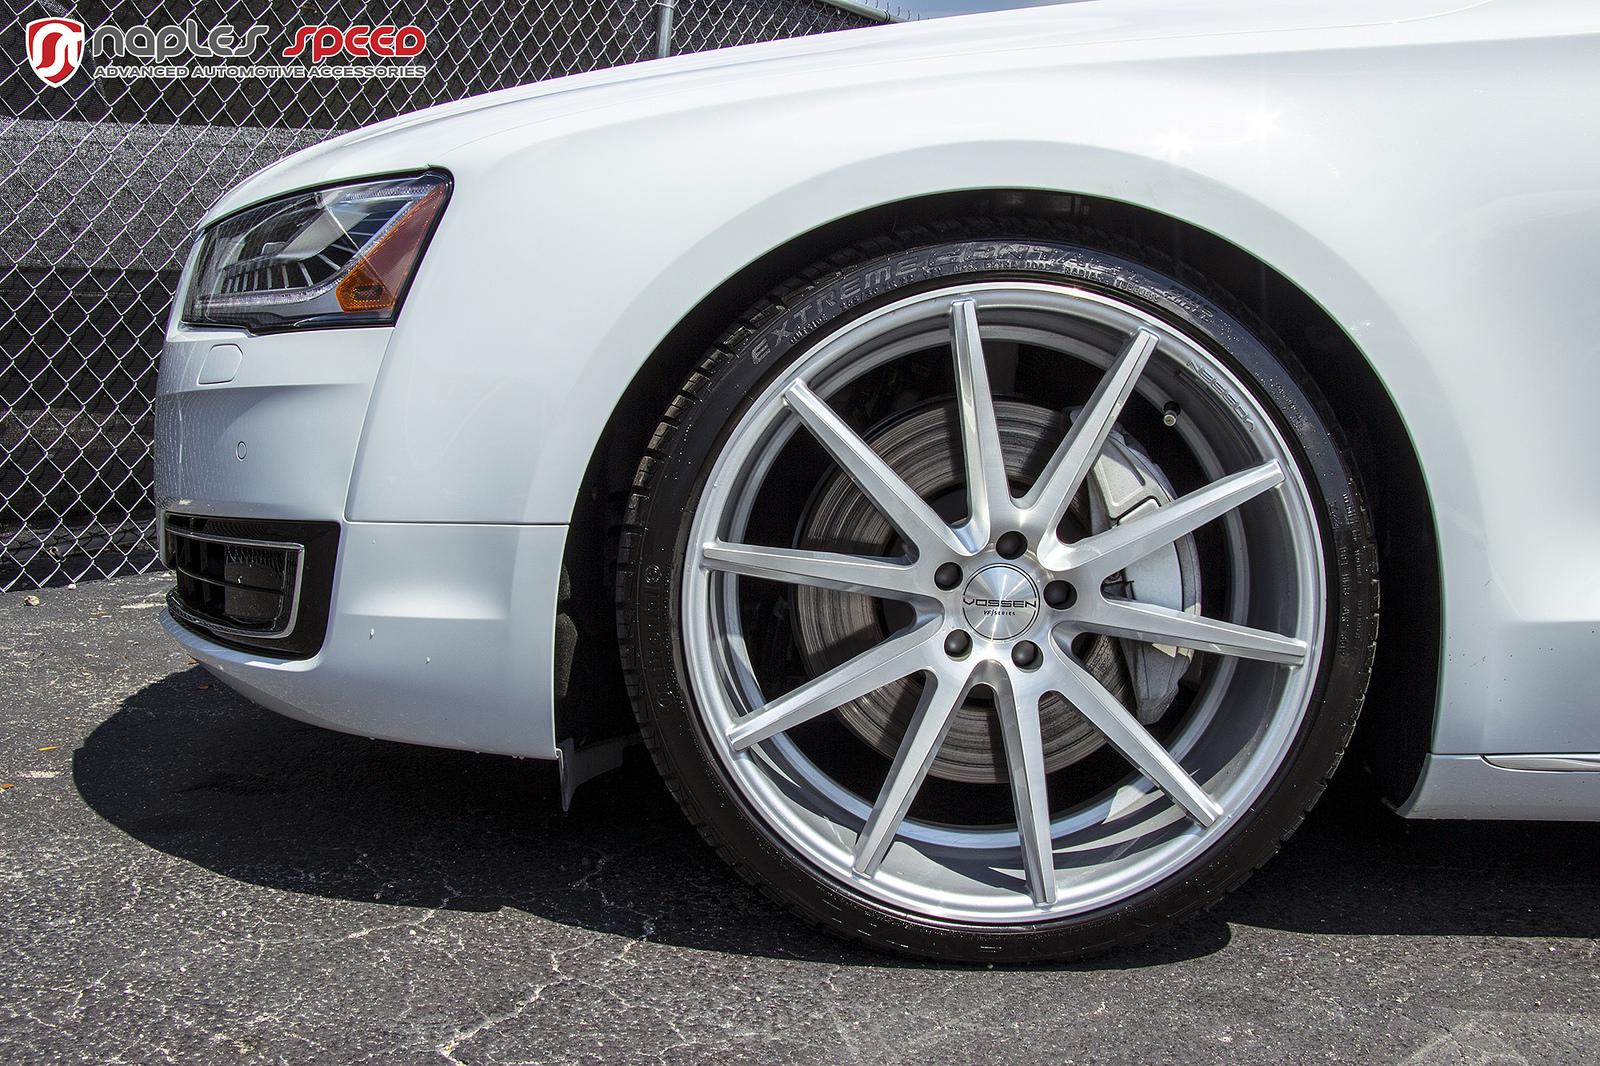 Audi A8 L On 22 Vossen Vfs1 Advanced Automotive Accessories